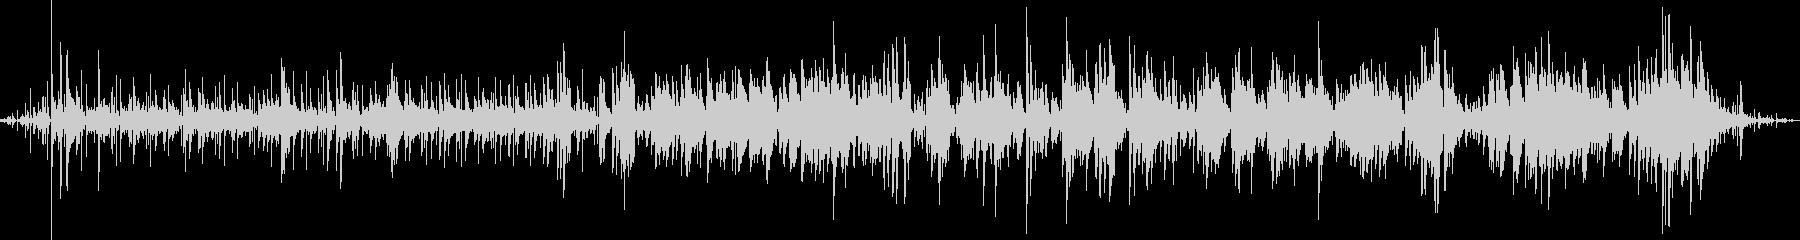 ラジオから聞こえて来る軽快なフュージョンの未再生の波形